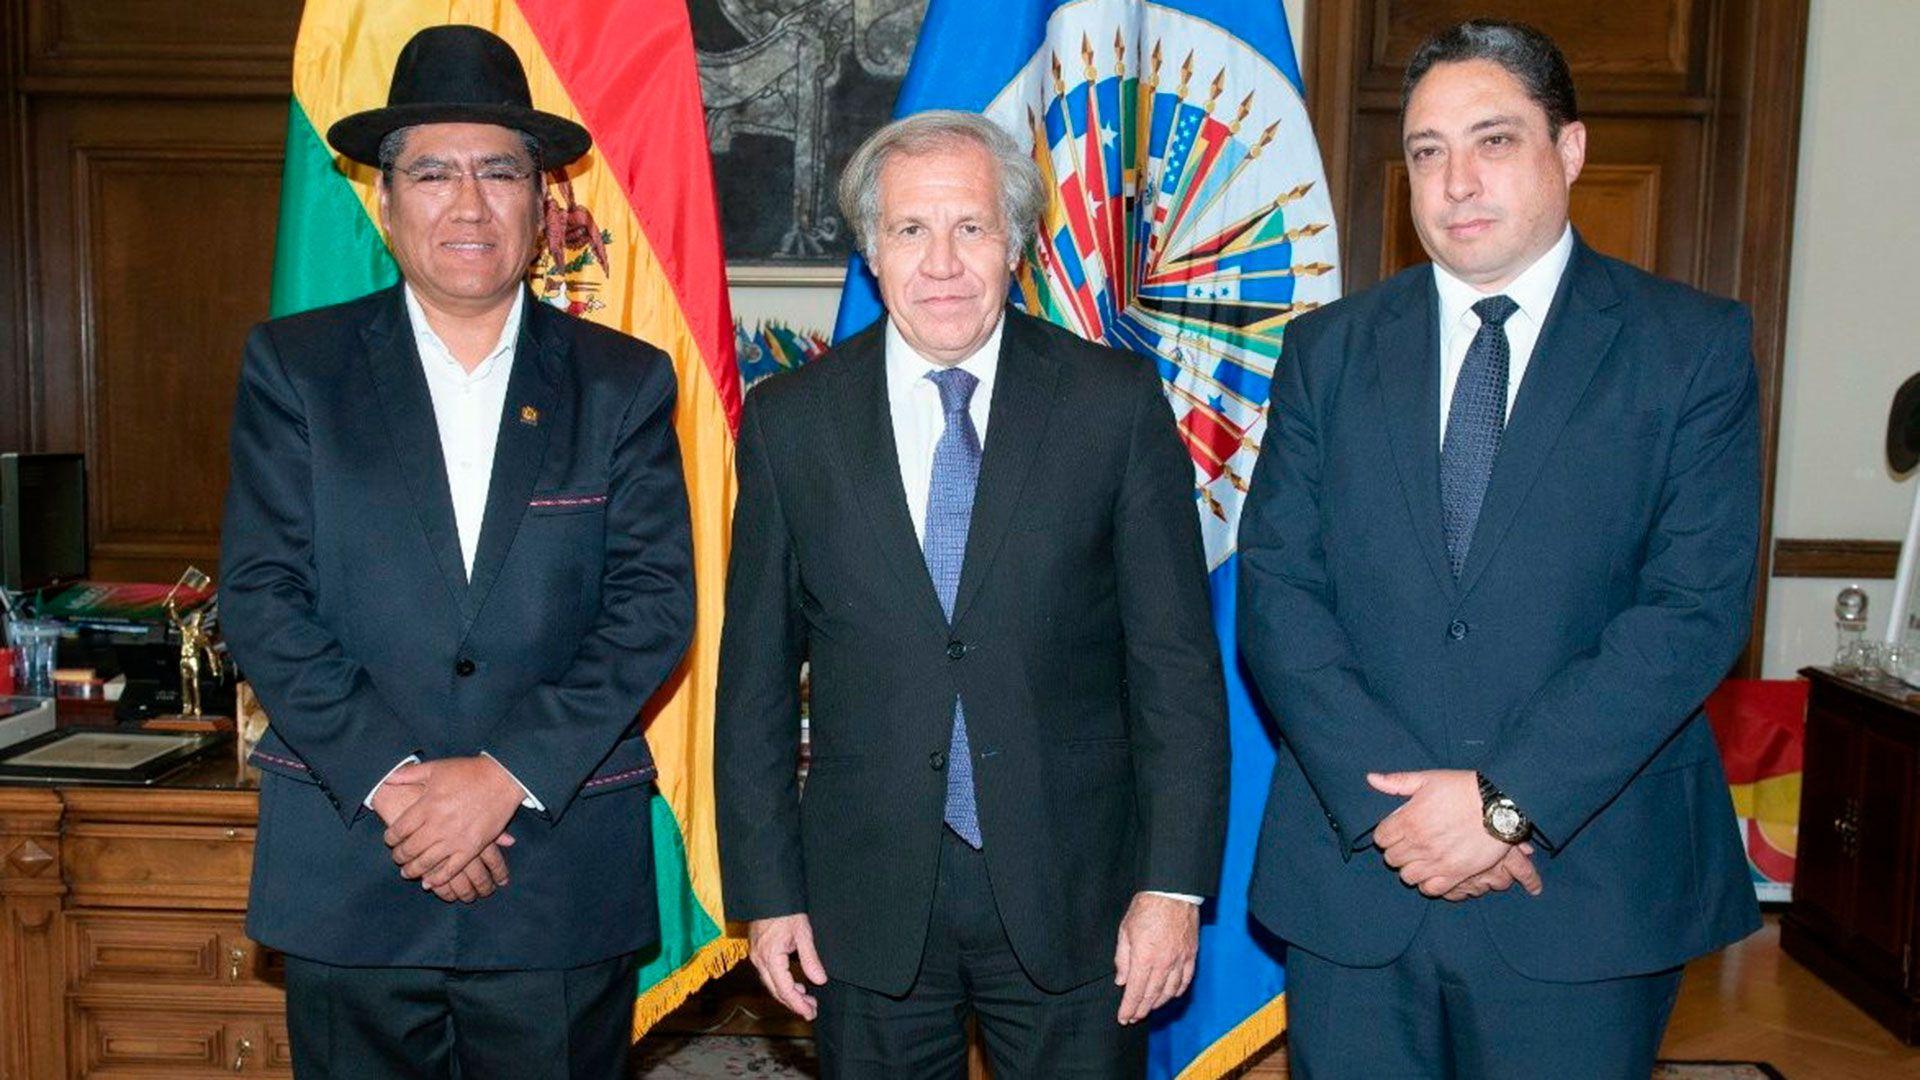 Luis Almagro junto al canciller boliviano Diego Pary y al ministro de Justicia Héctor Arce Zaconeta